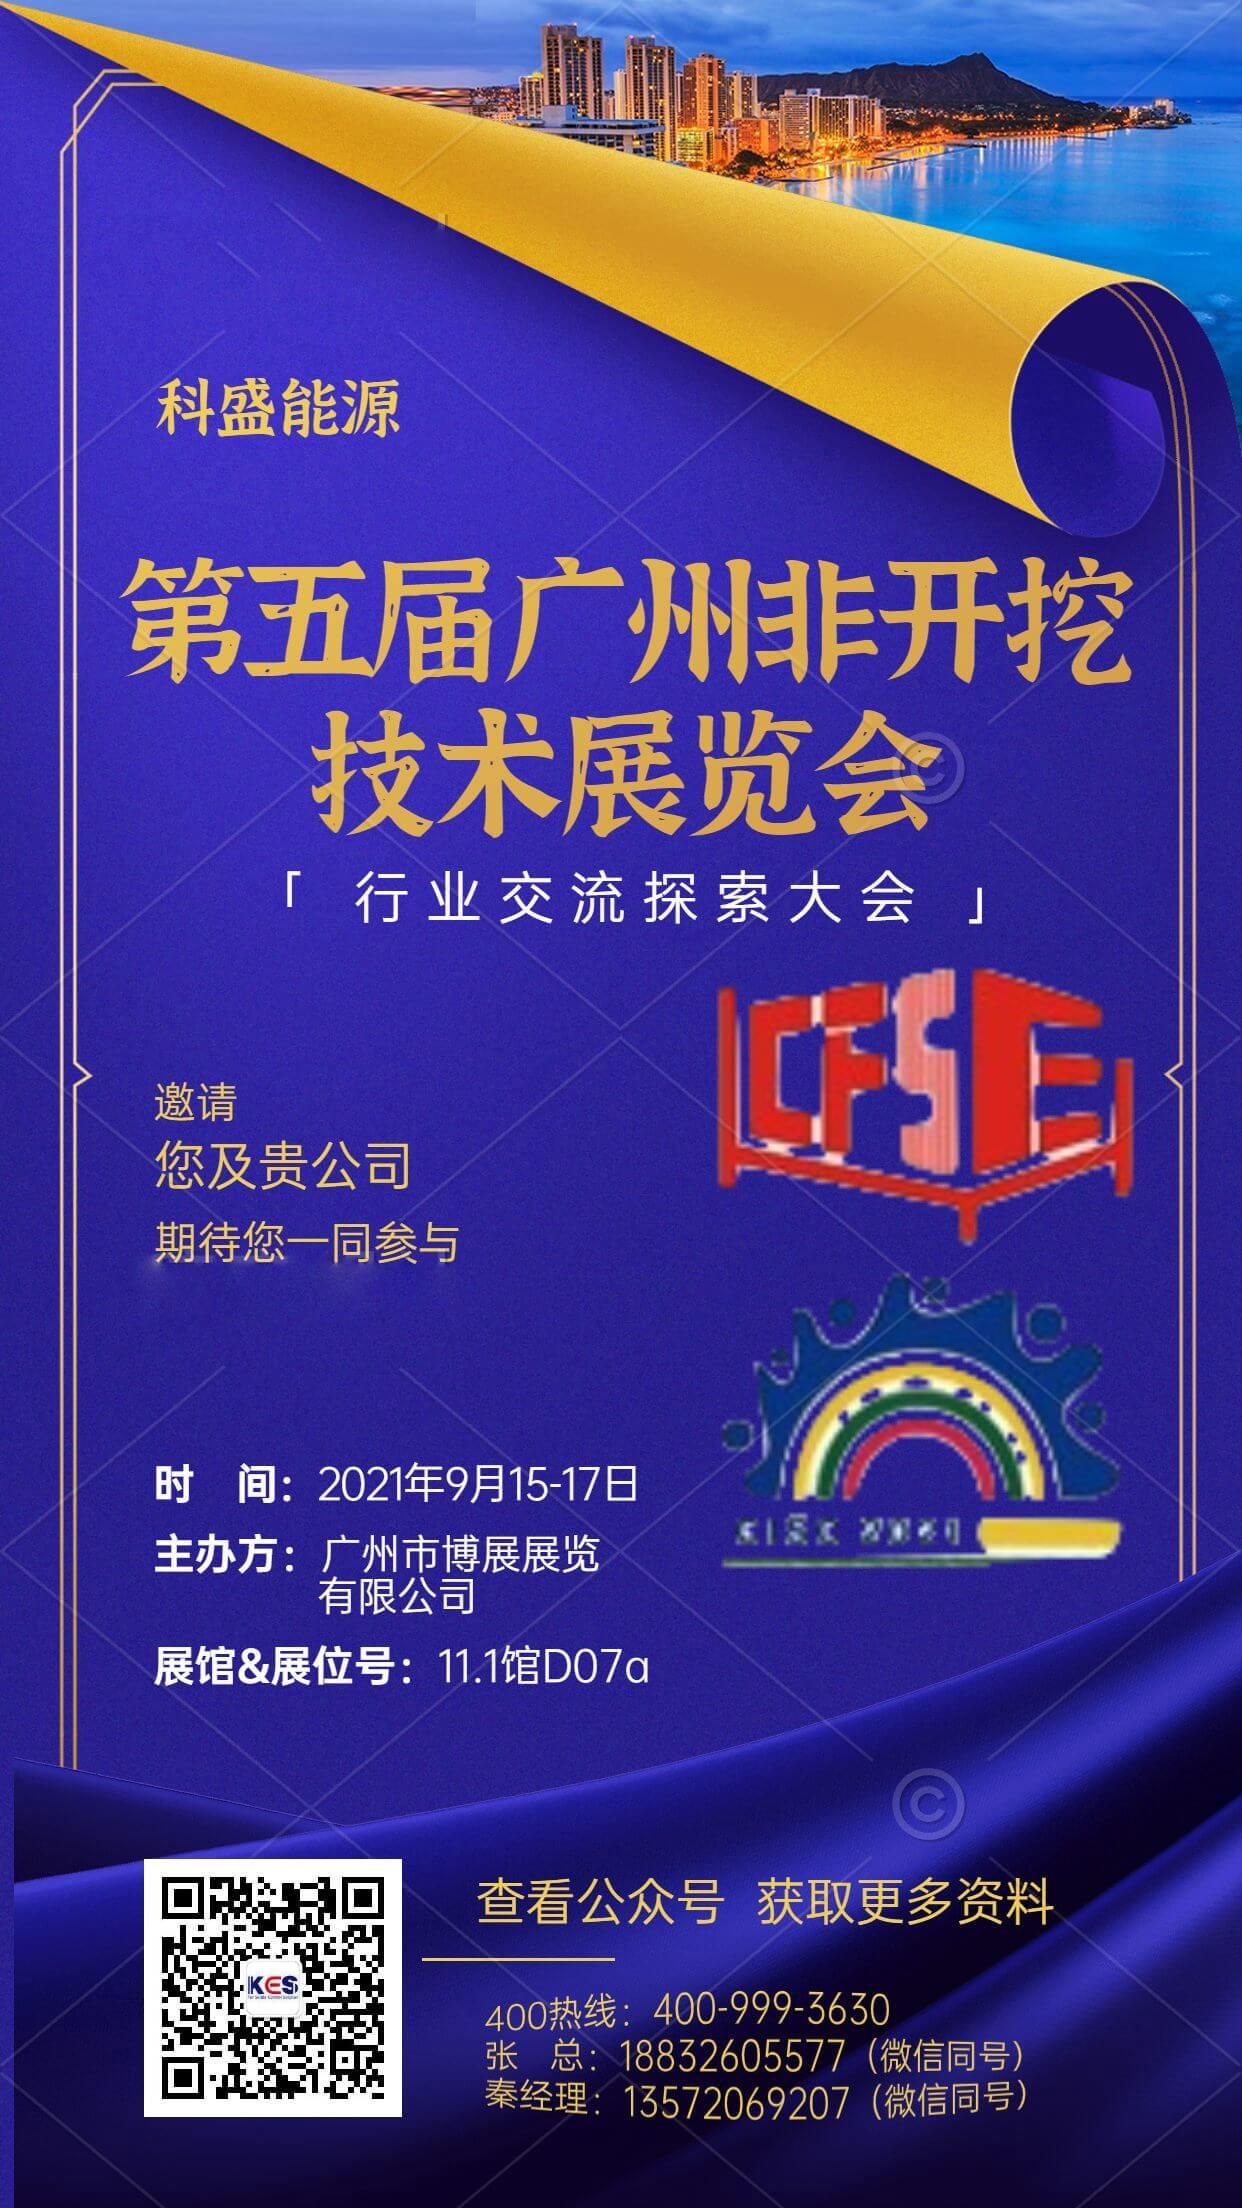 邀请函 | 诚邀您参加2021年第五届广州非开挖技术、海绵城市暨地下管线管廊展览会